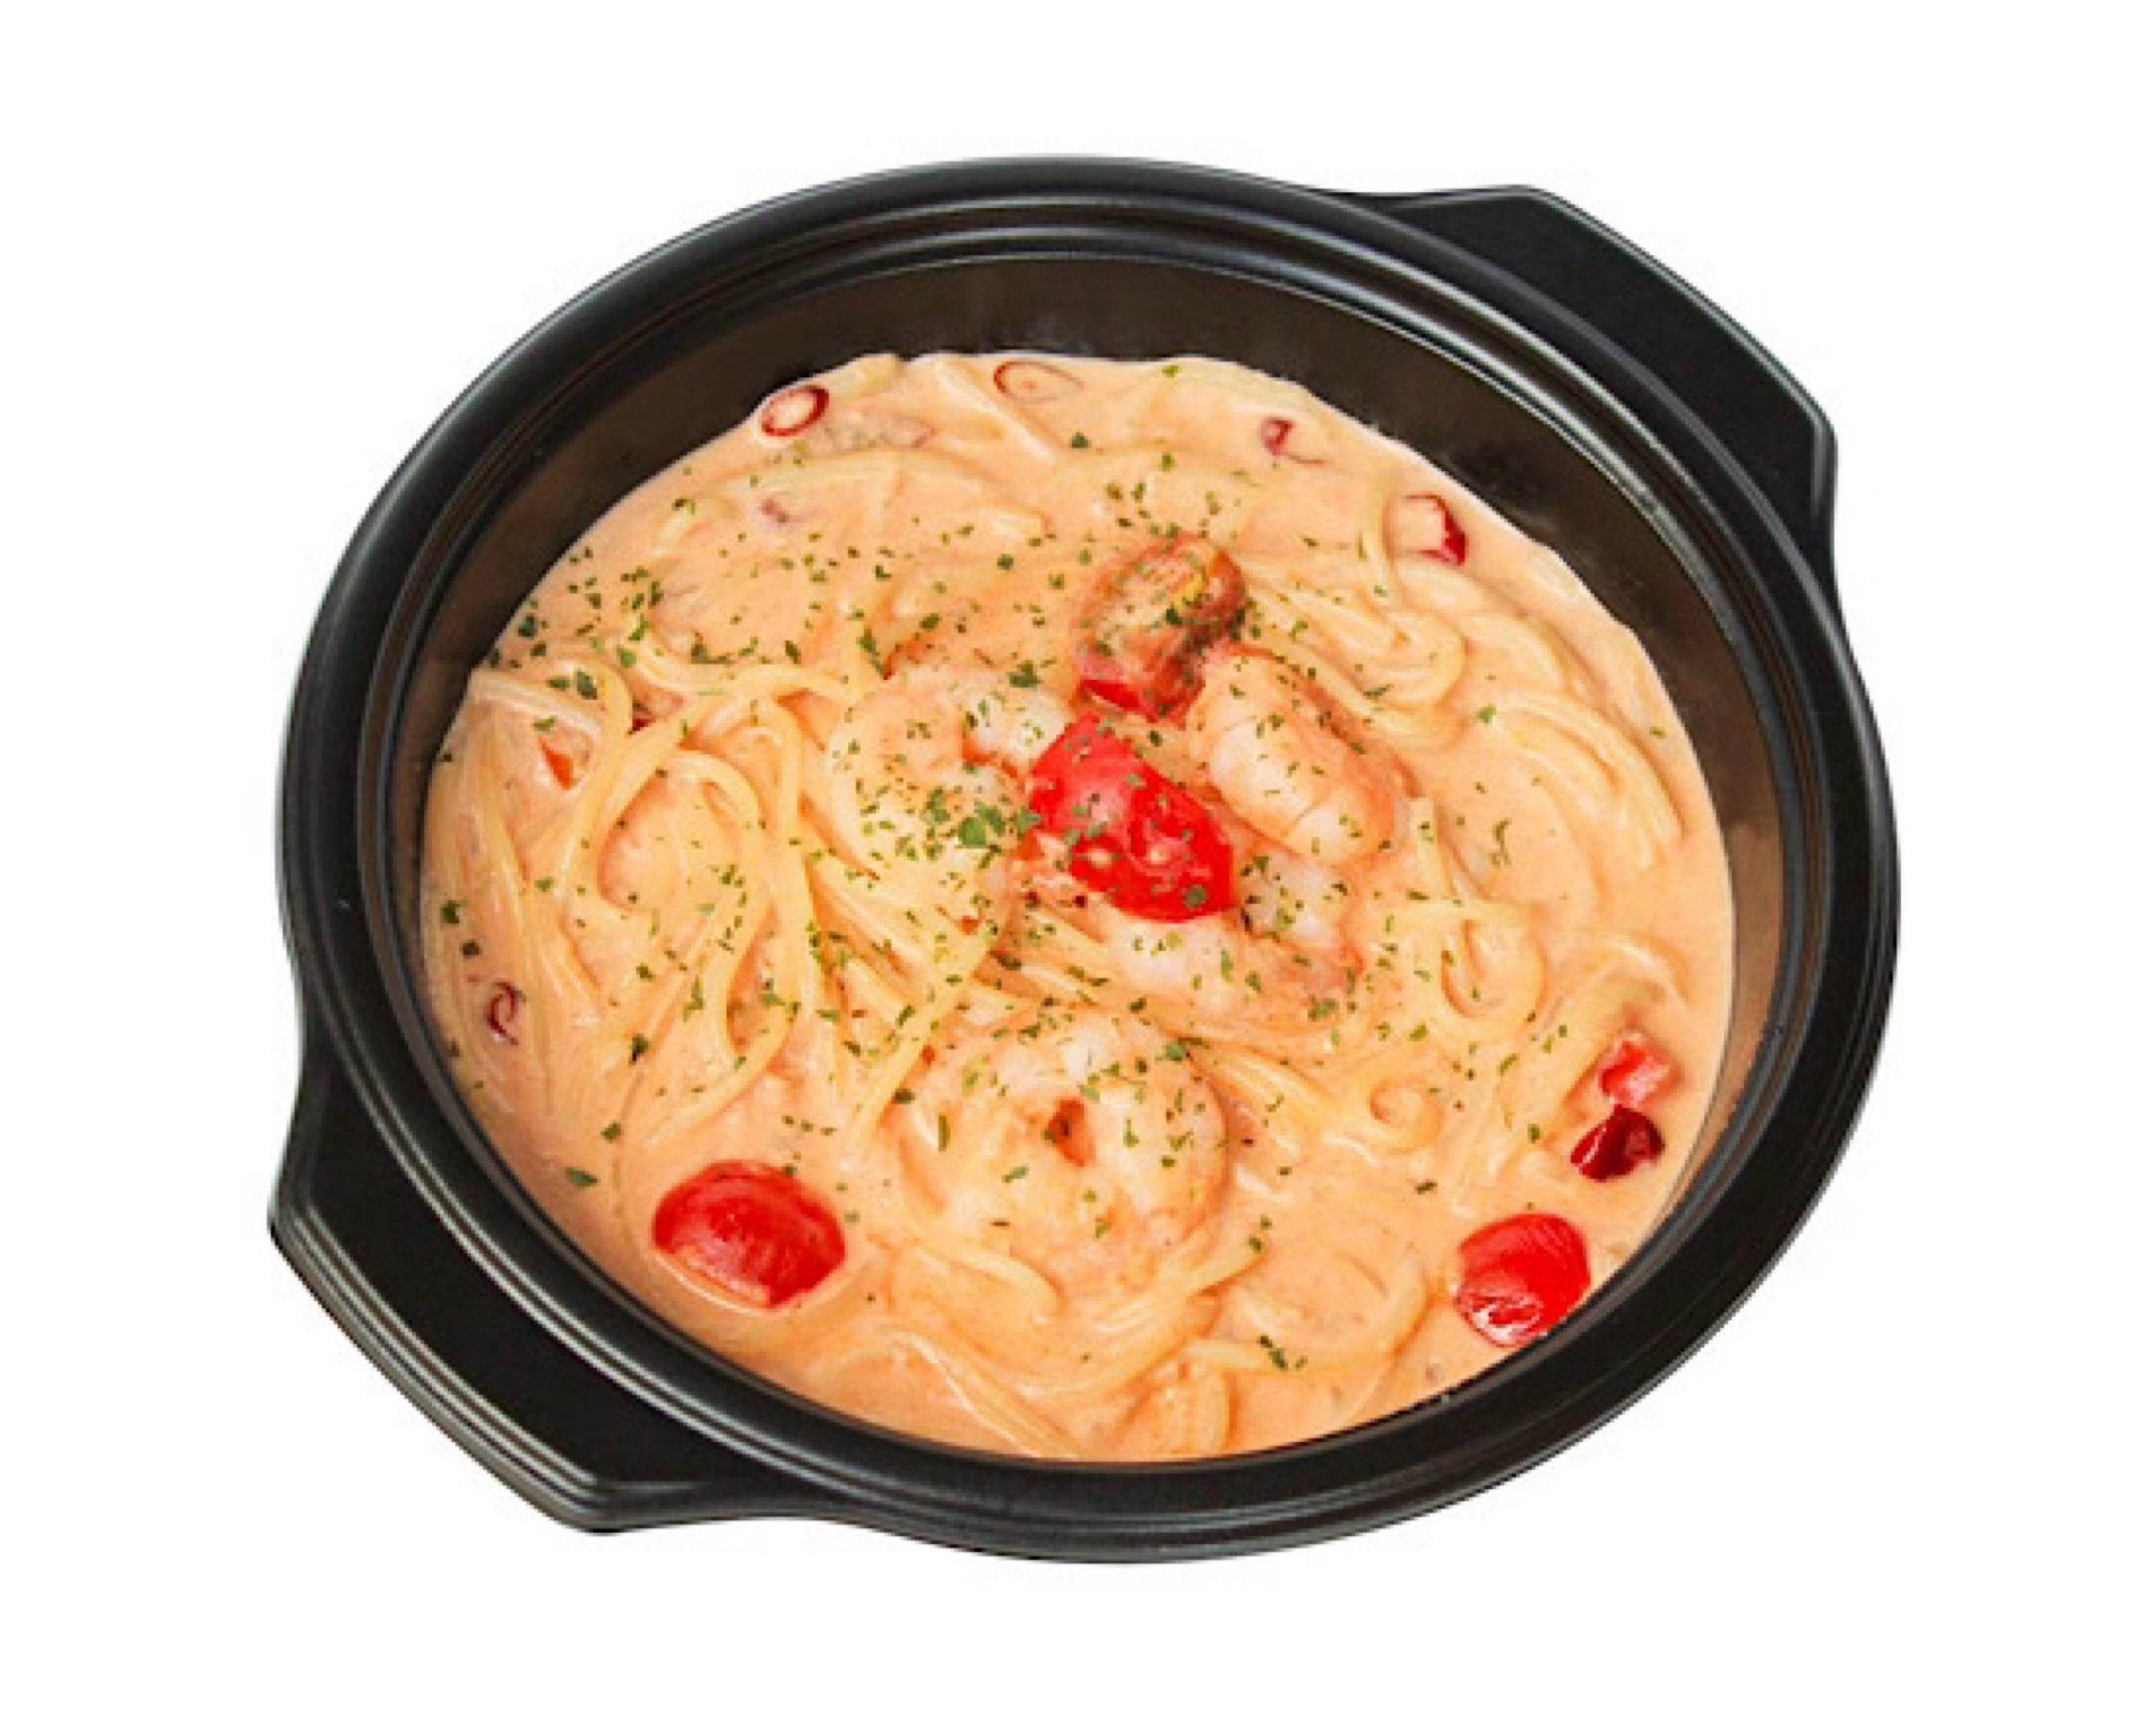 エビとトマトのピリ辛クリームパスタ